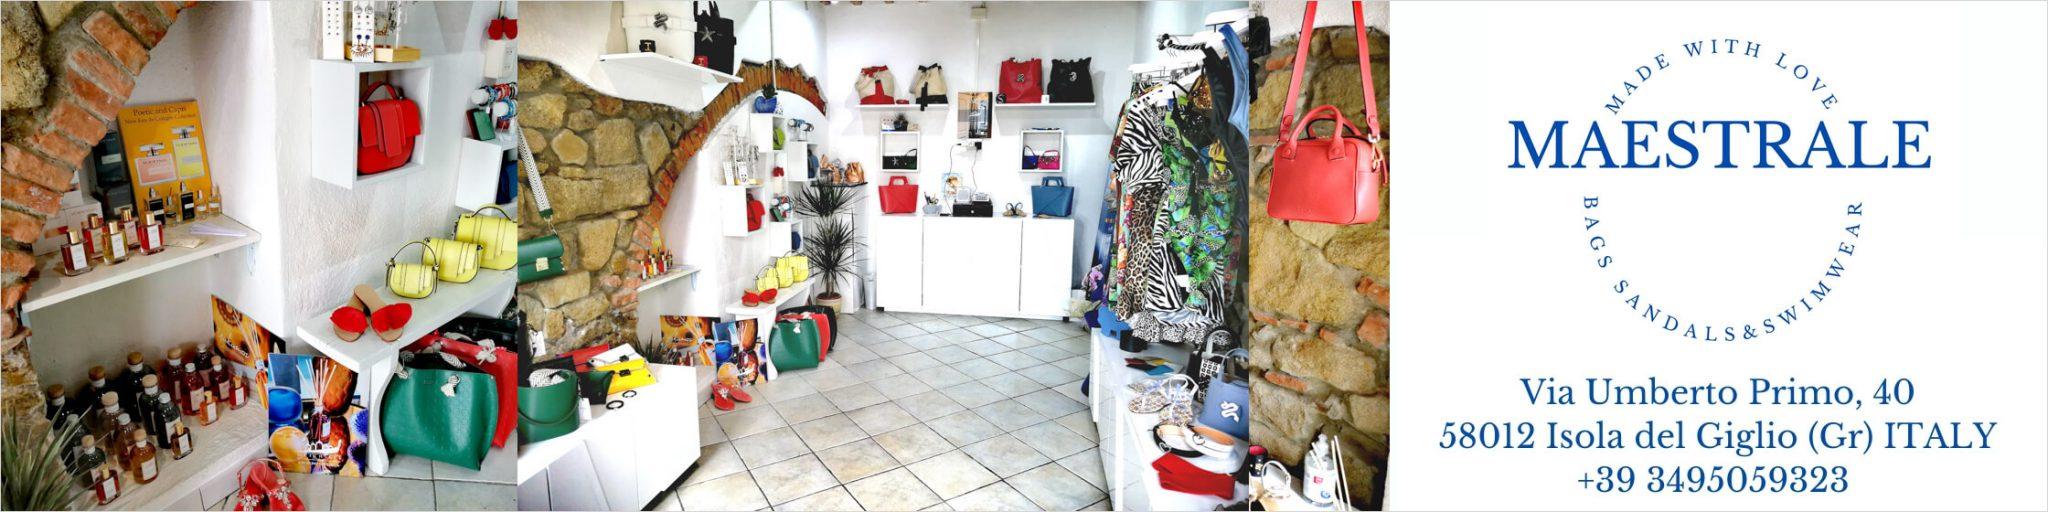 Banner Boutique Maestrale Giglio Porto